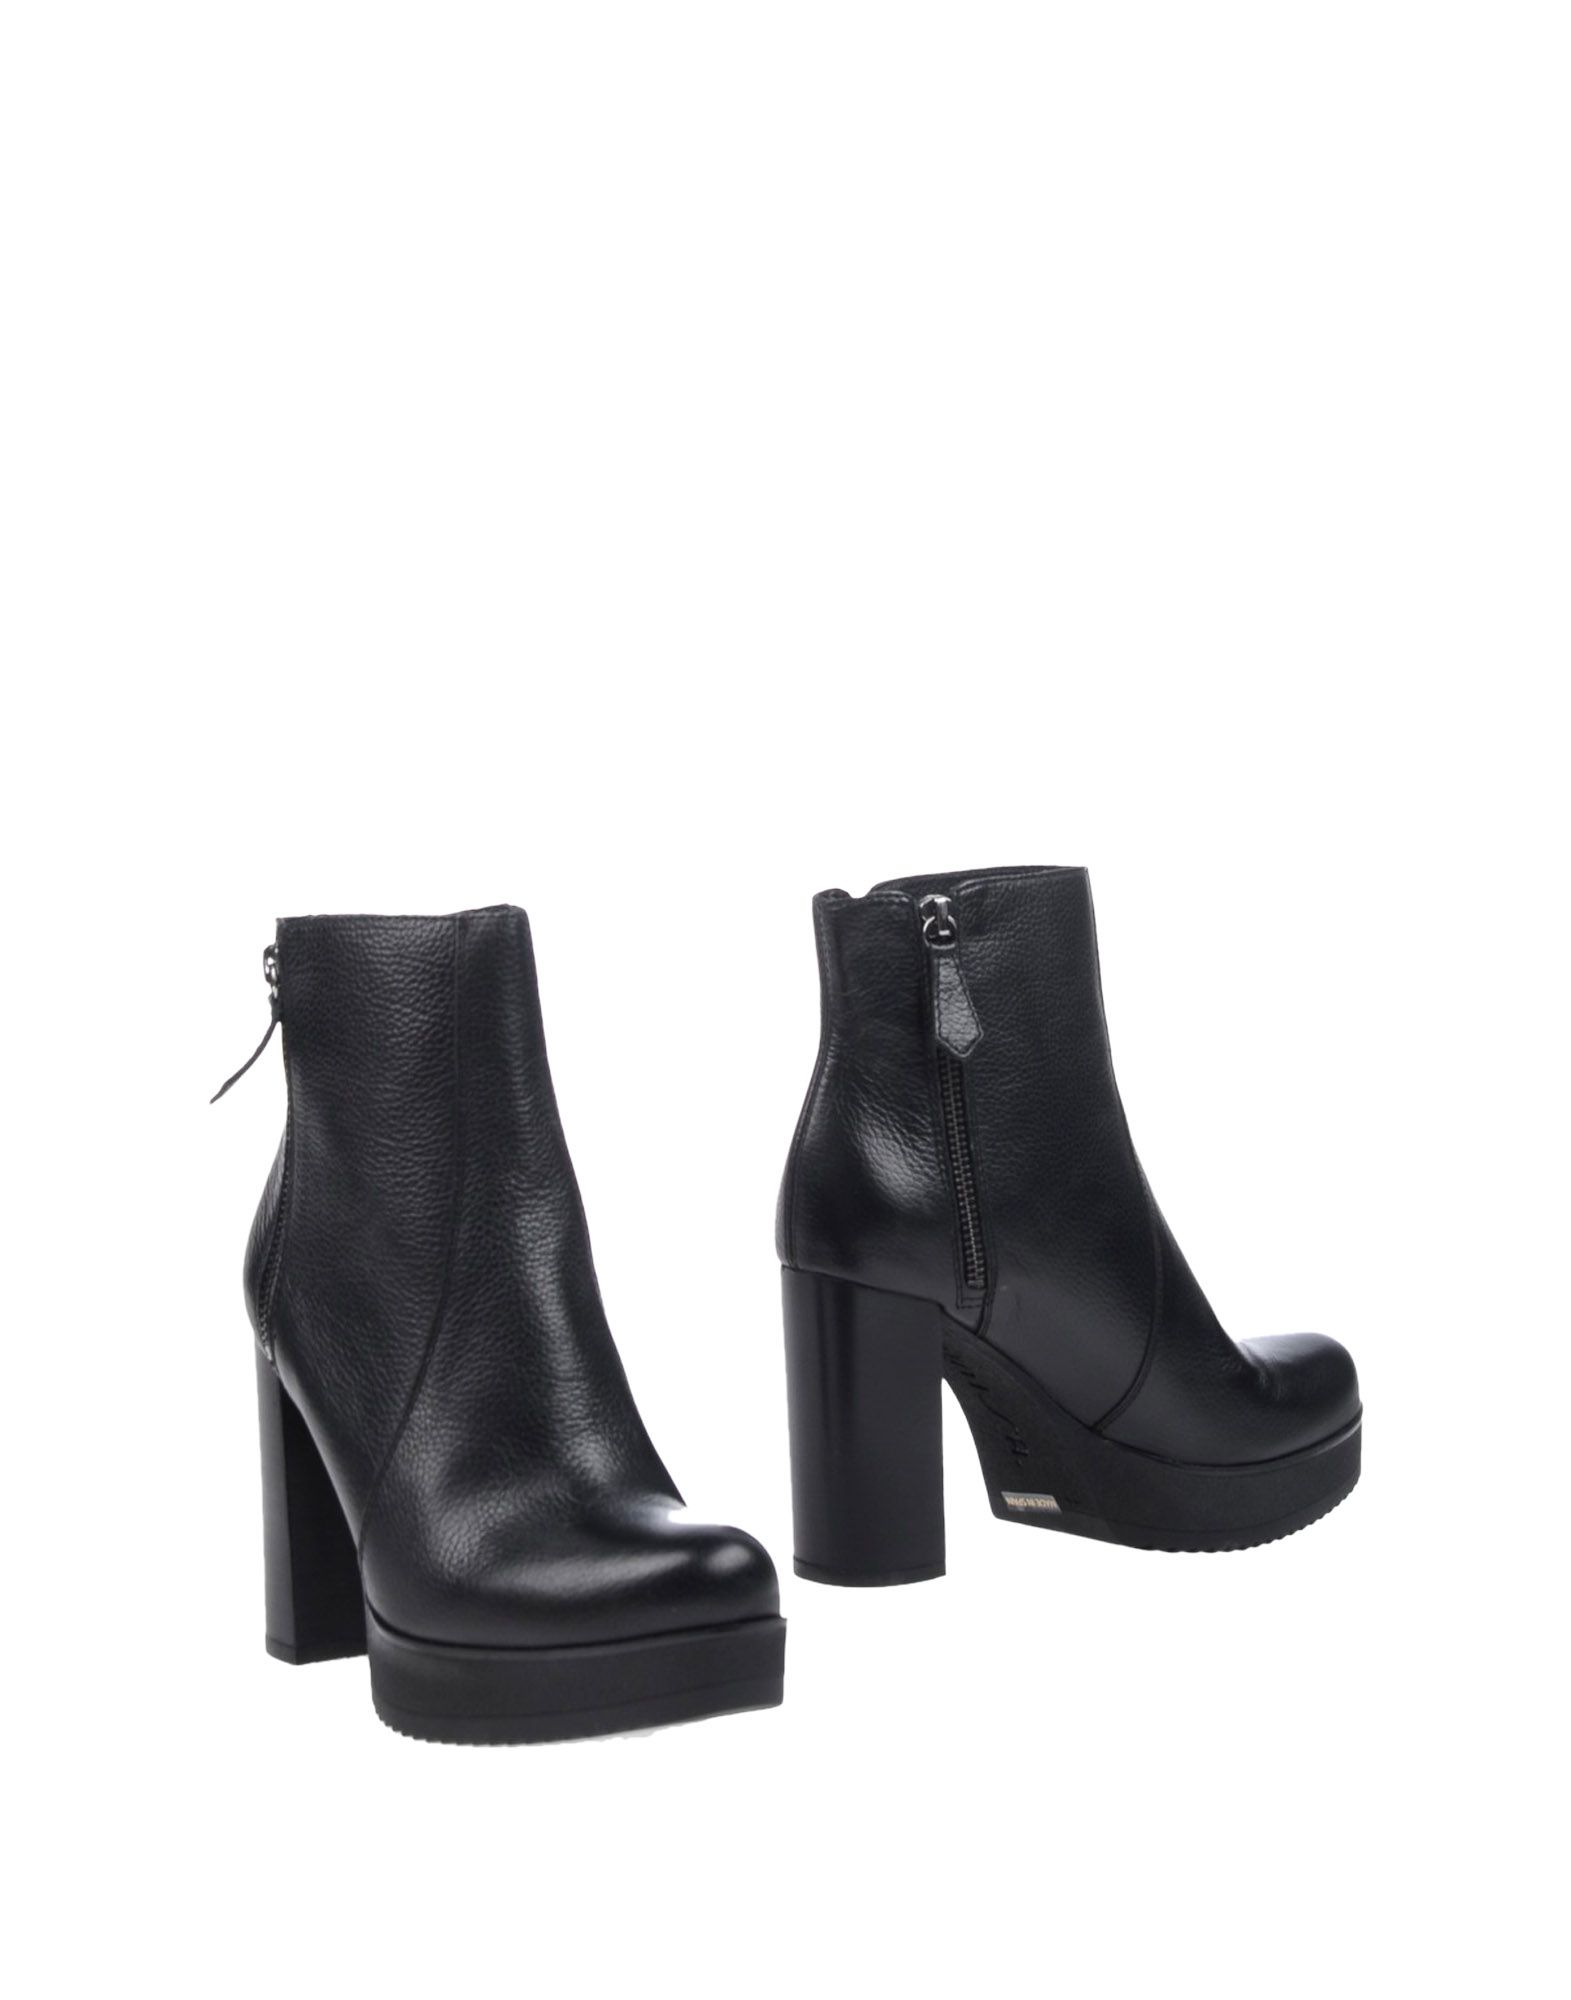 Unisa Stiefelette Damen  11299288UJ Gute Qualität beliebte Schuhe